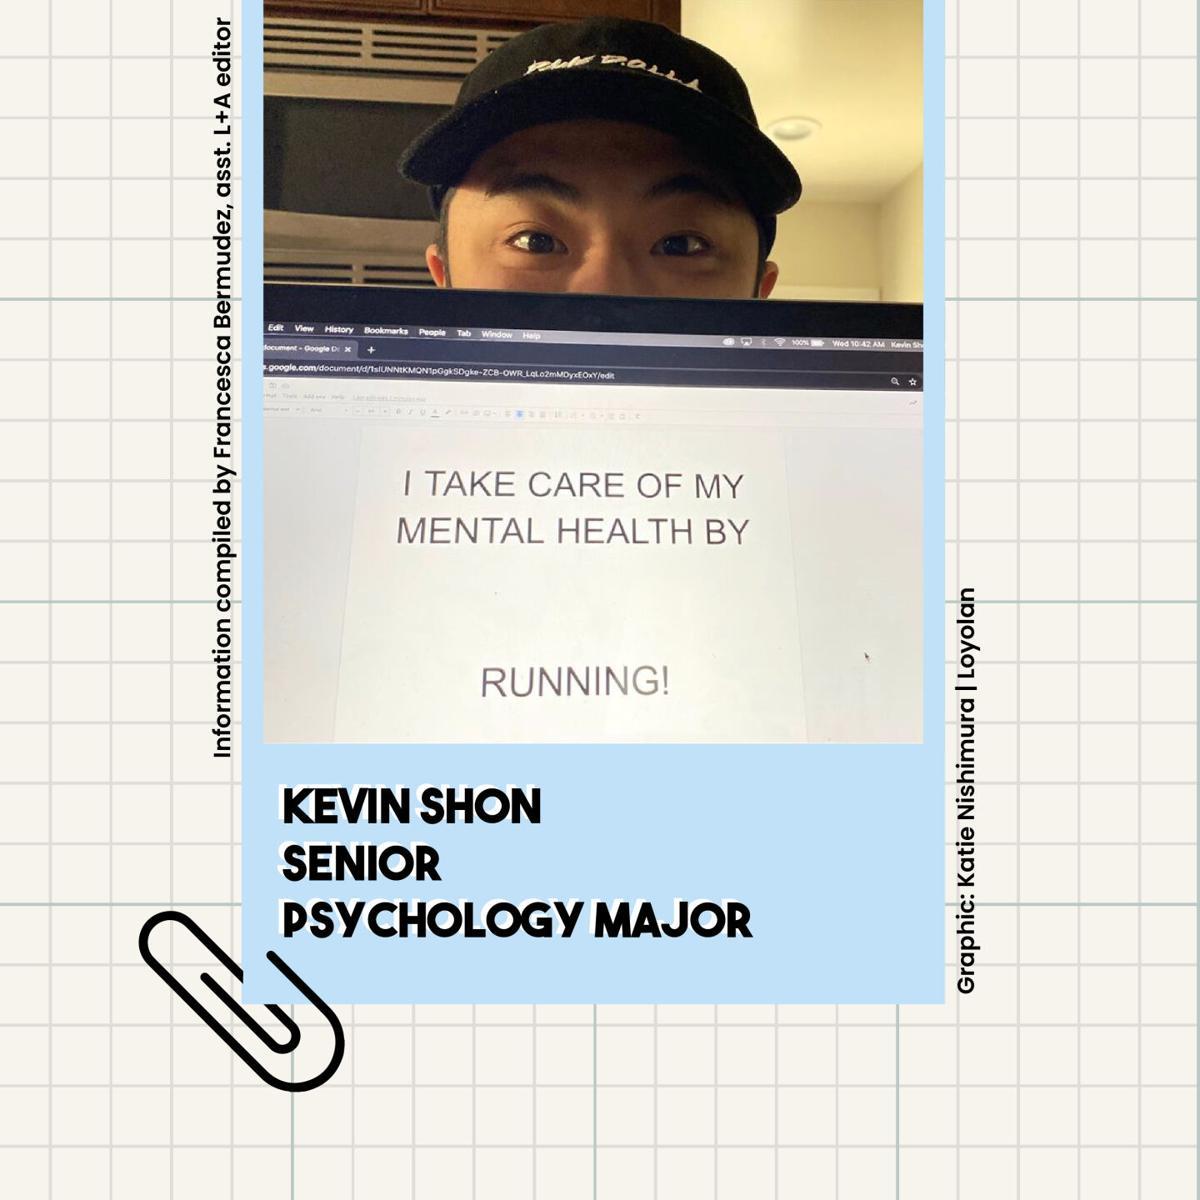 Kevin Shon